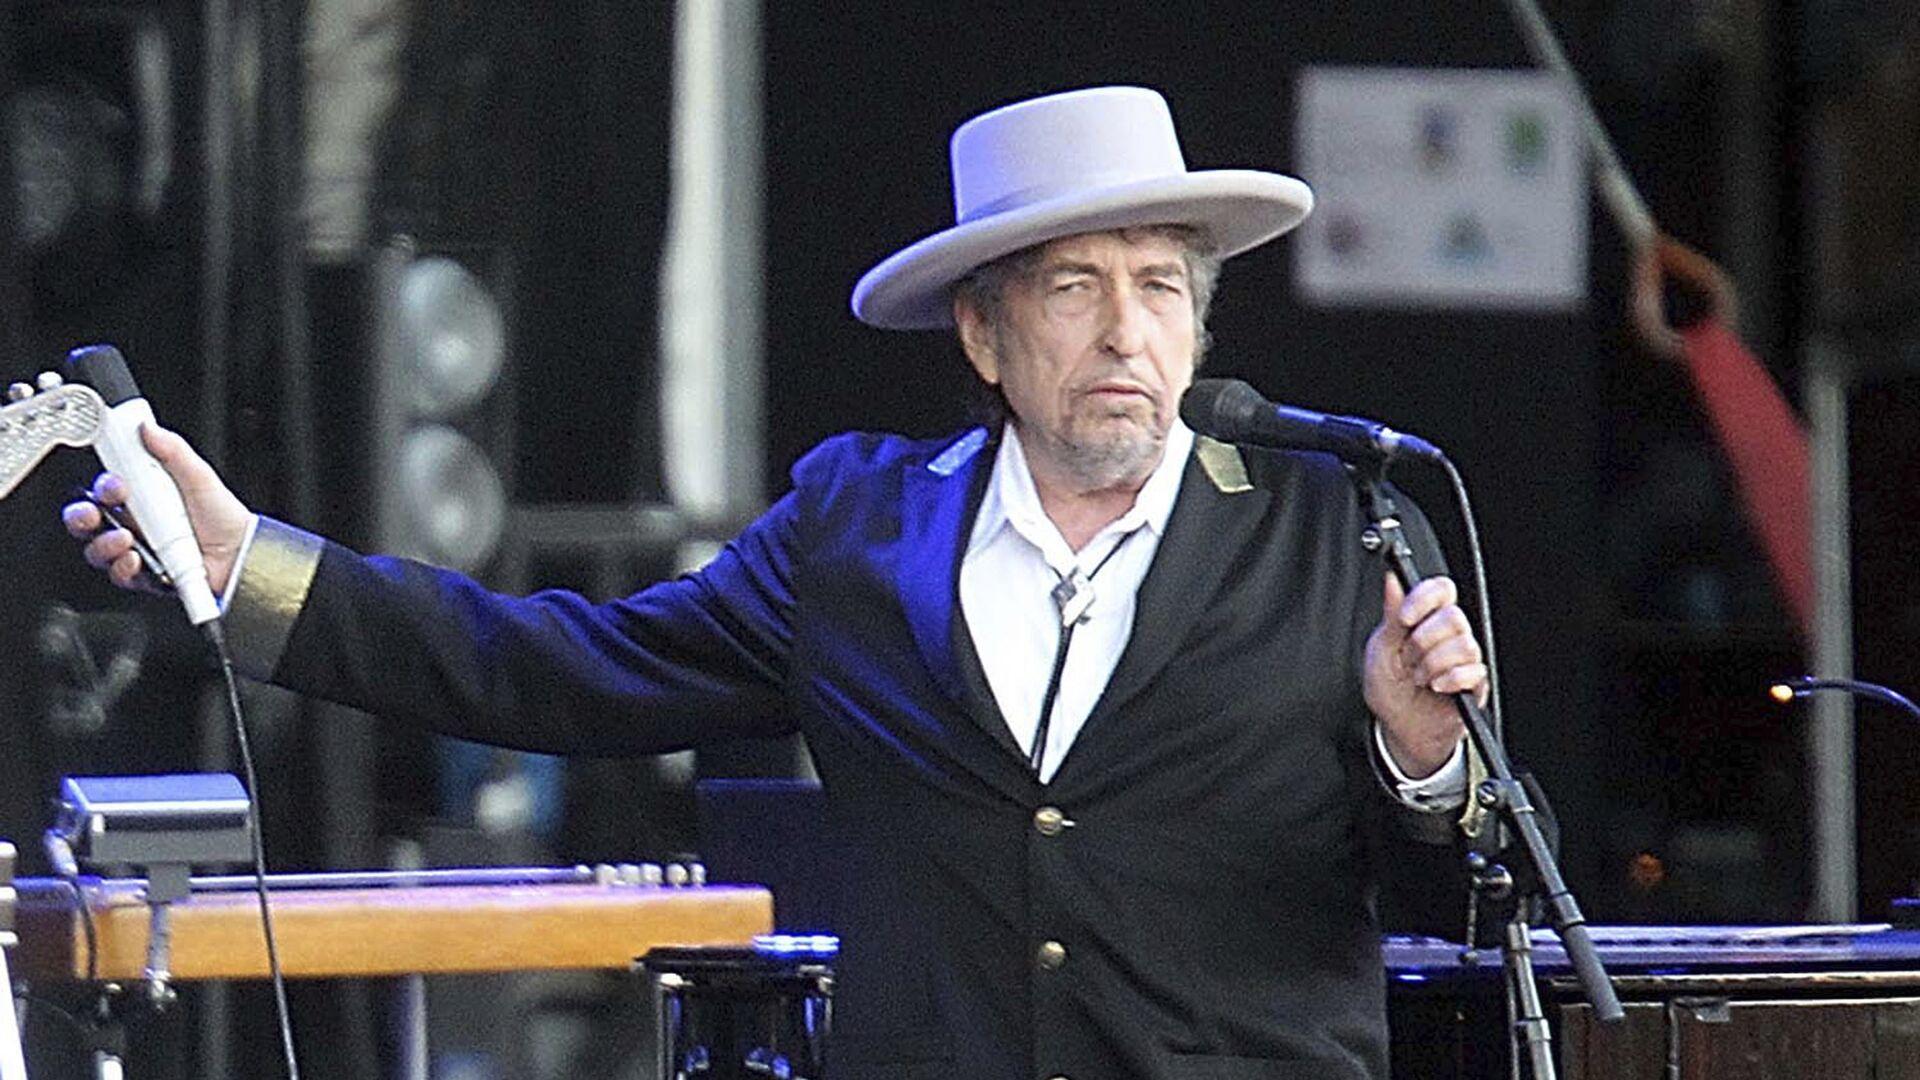 СМИ: певца Боба Дилана обвинили в совращении ребенка в 1960-х годах - РИА Новости, 17.08.2021